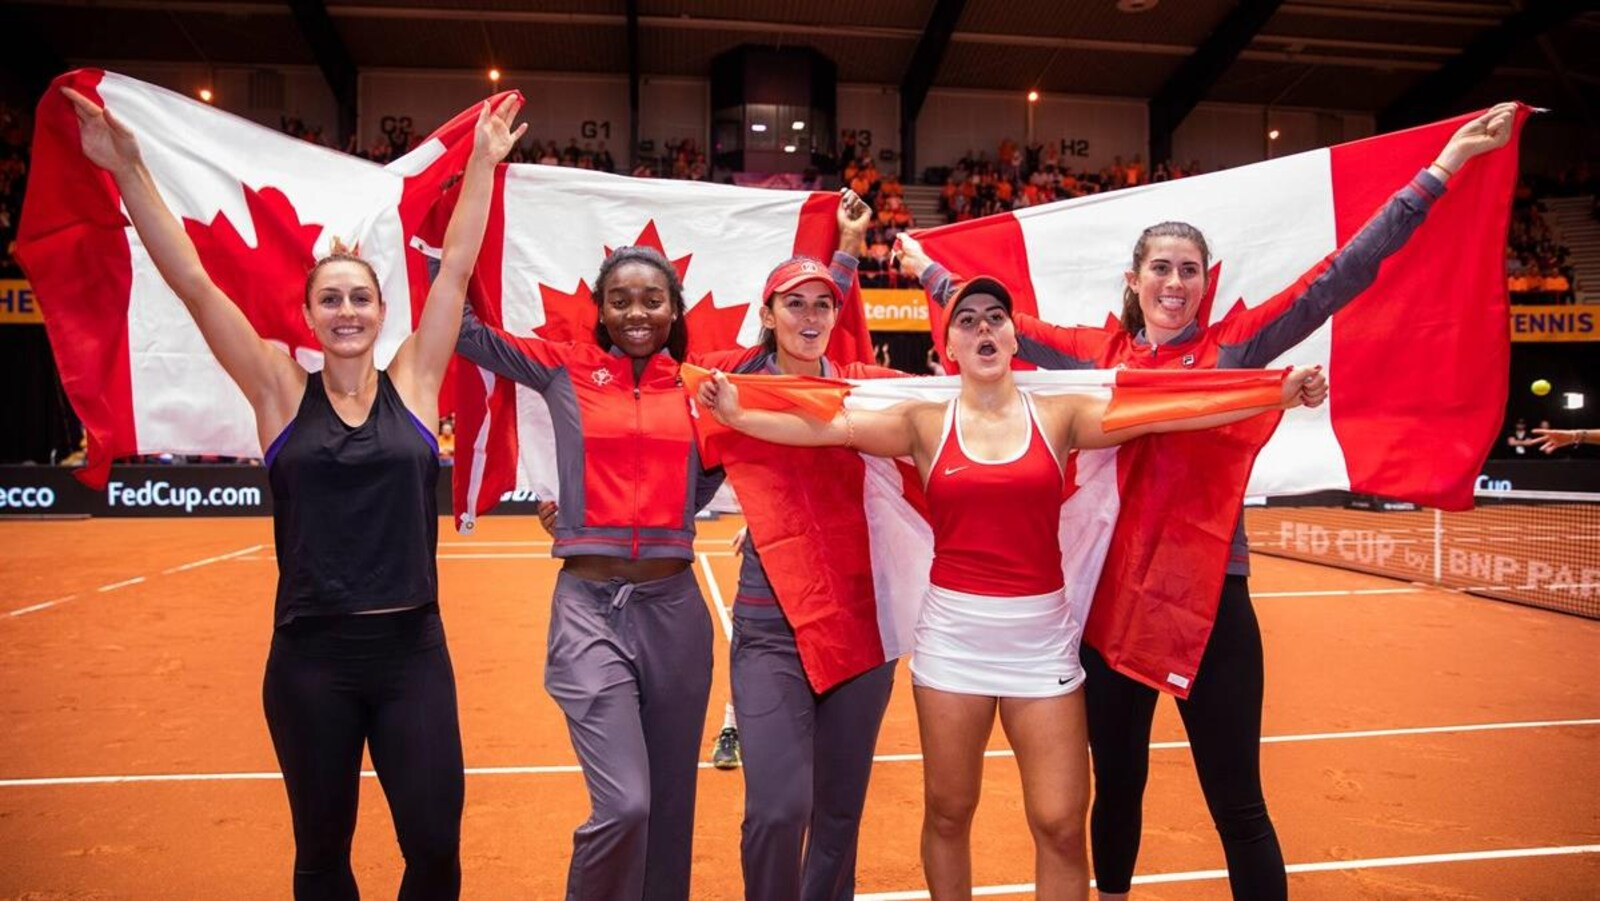 Les Canadiennes Gabriela Dabrowski, Heidi El Tabakh (capitaine), Françoise Abanda, Bianca Andreescu et Rebecca Marino célèbrent leur victoire contre les Pays-Bas avec des drapeaux canadiens alors qu'elles accèdent au barrage du groupe mondial, prévu les 20 et 21 avril prochains.